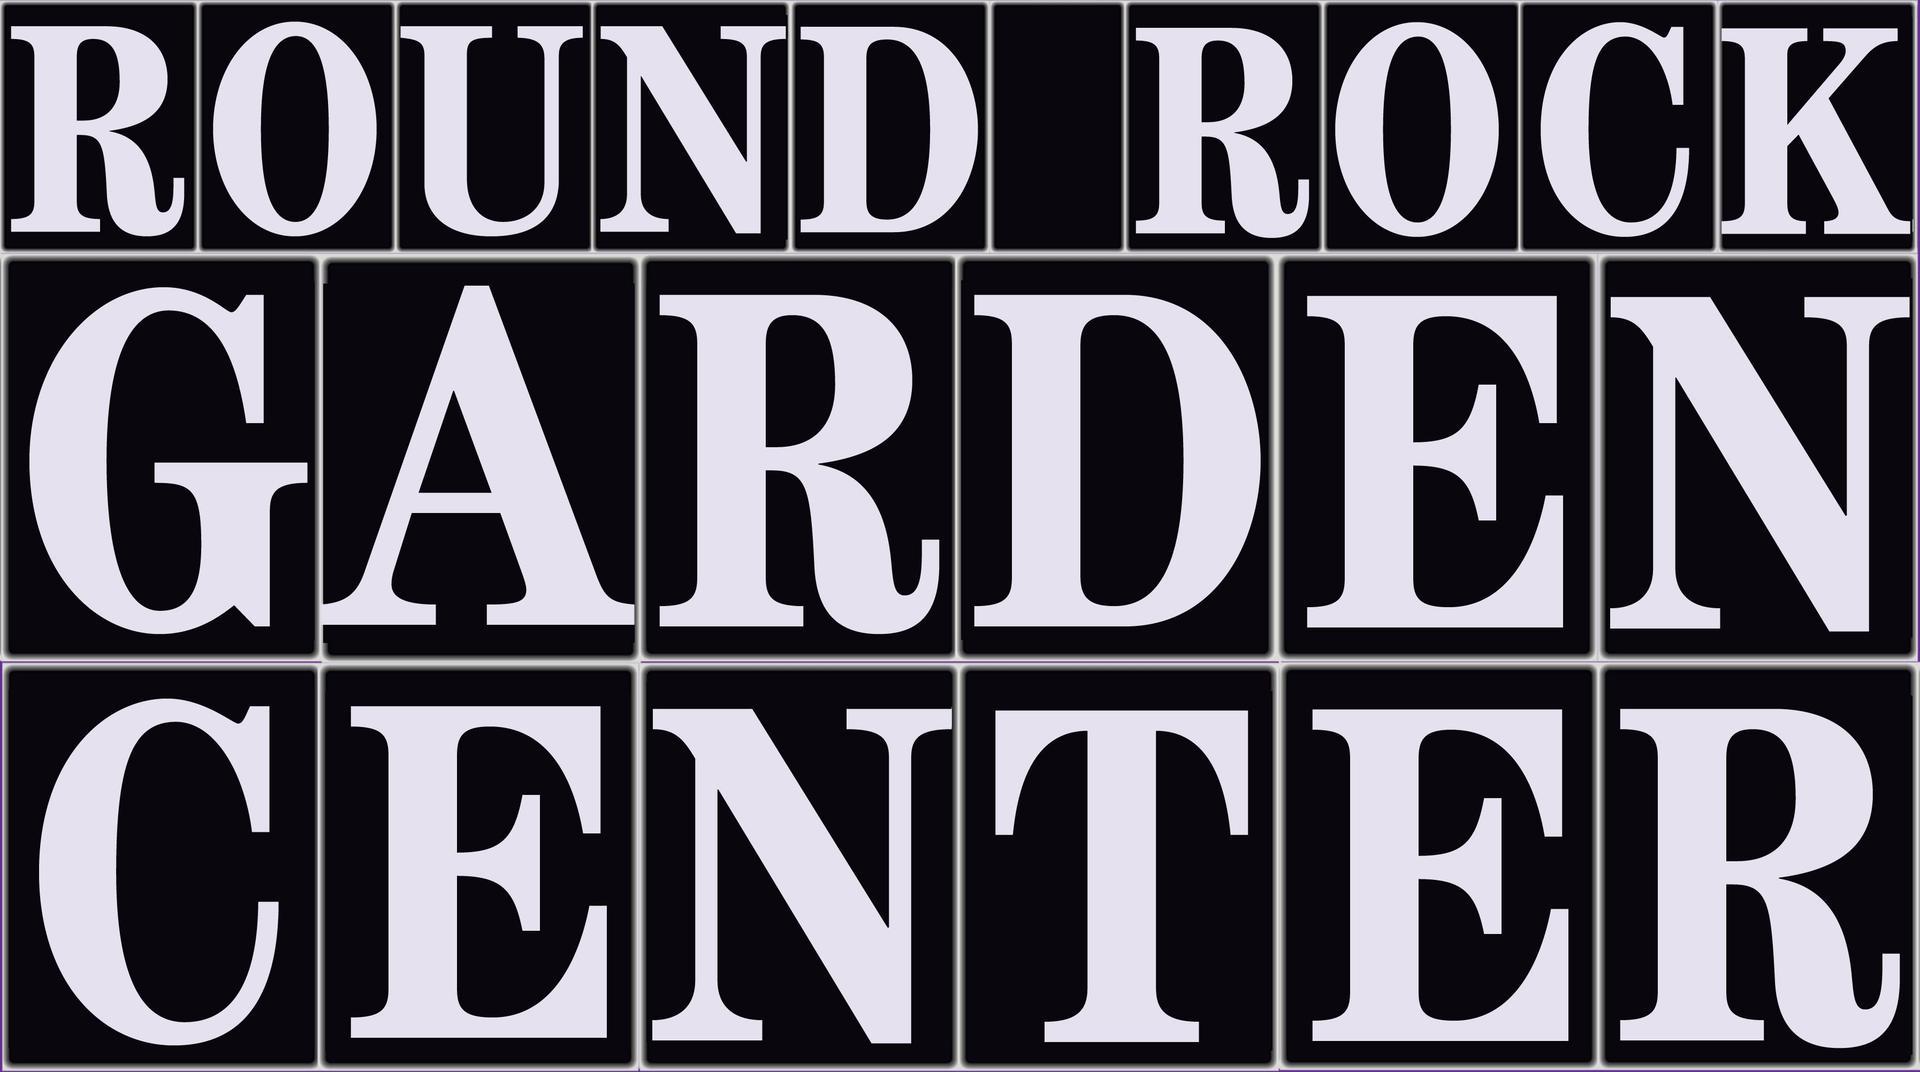 Round Rock Garden Center